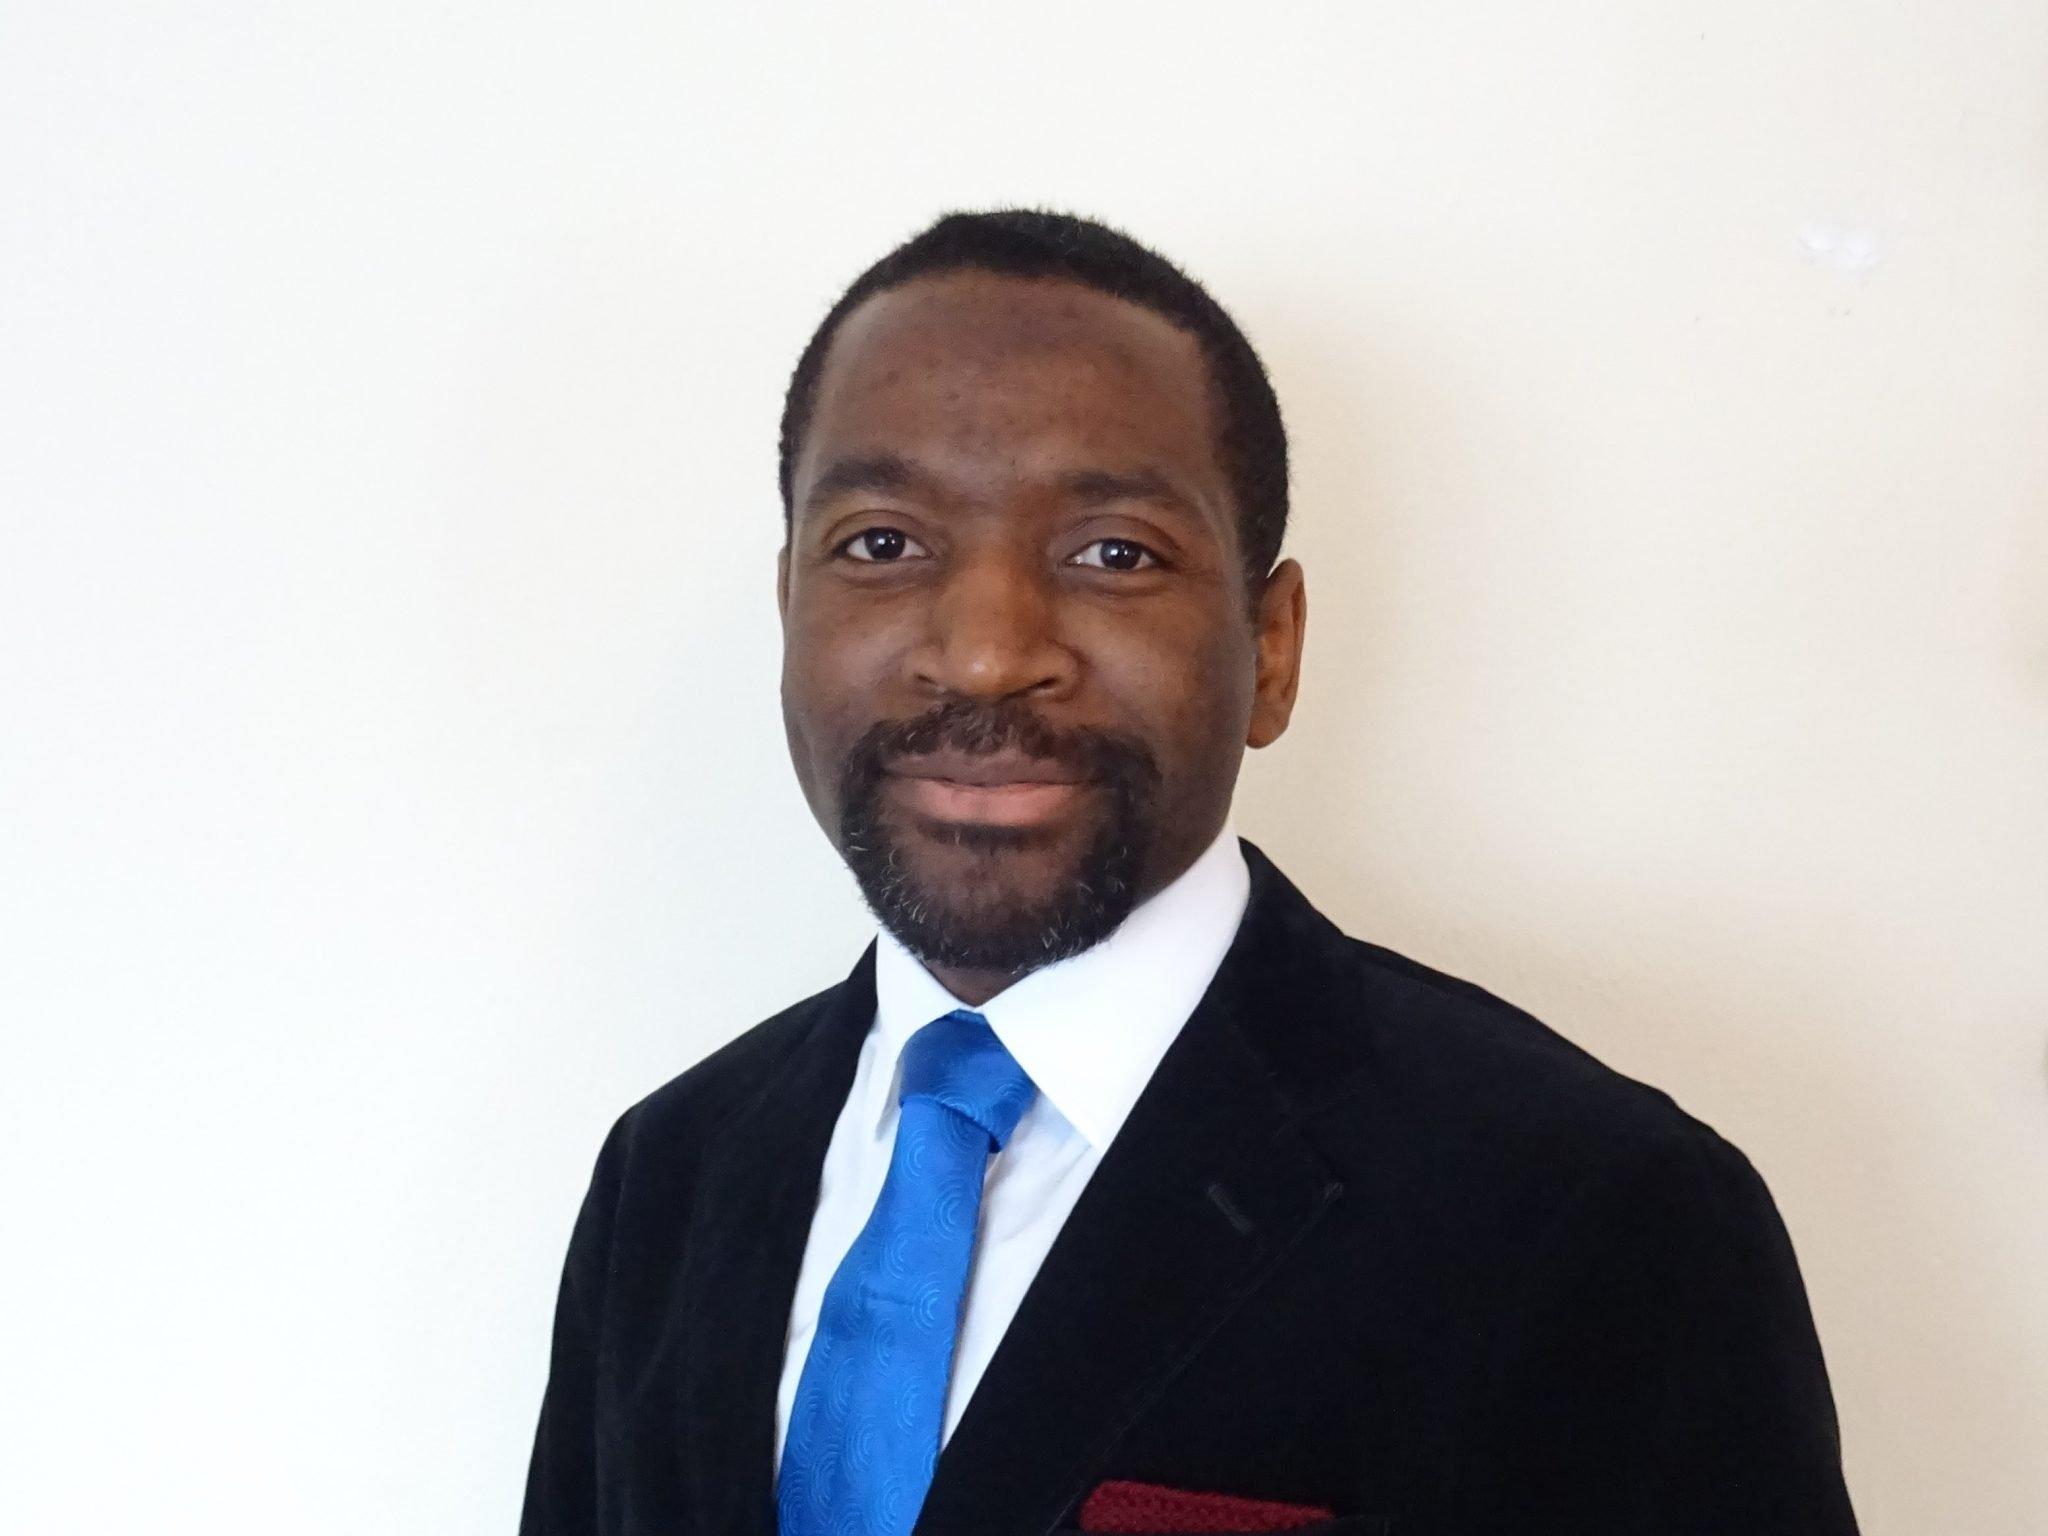 Ismail Alli-Balogun, construction entrepreneur